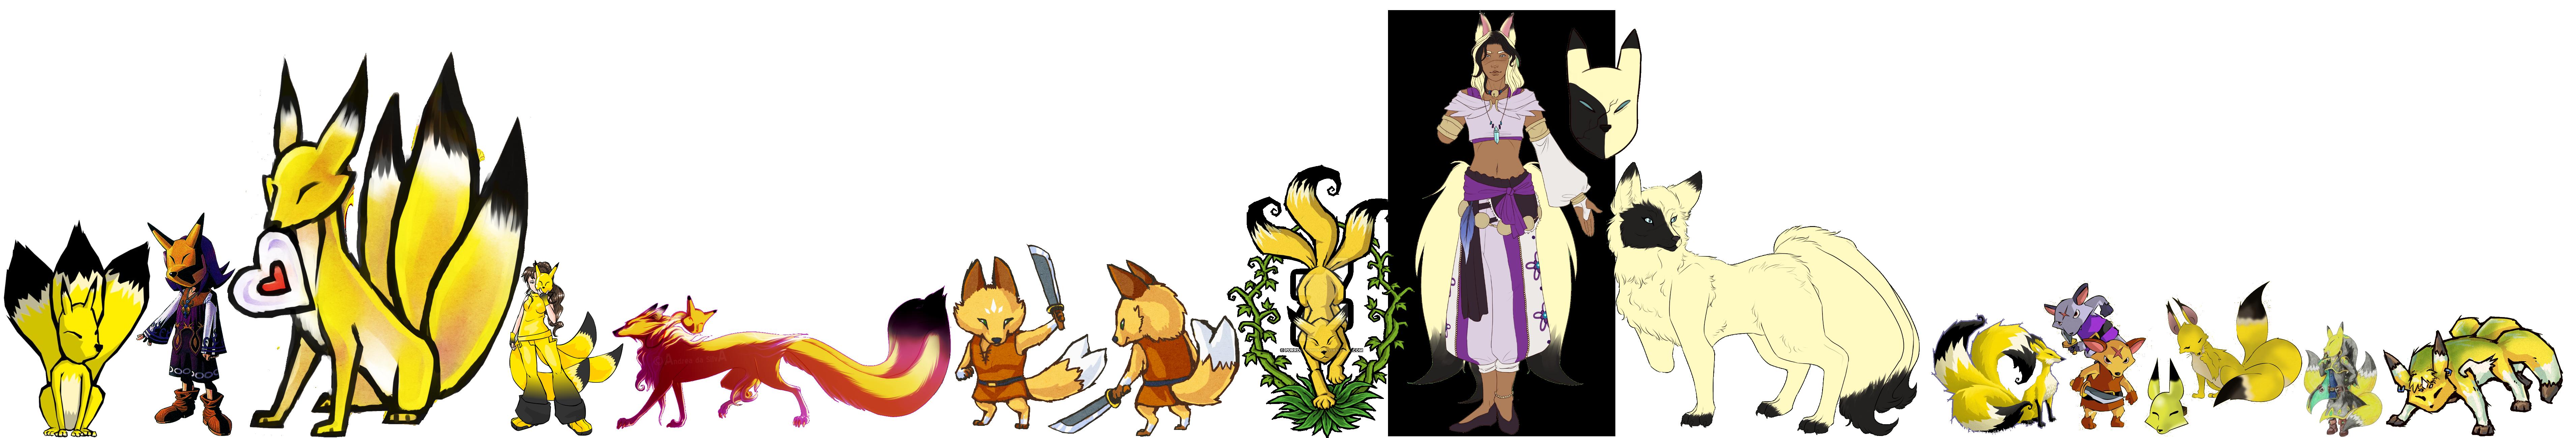 [CampagneS parallèles] Zelda LotR - 3*5 places LINEUPunscaledKEATON